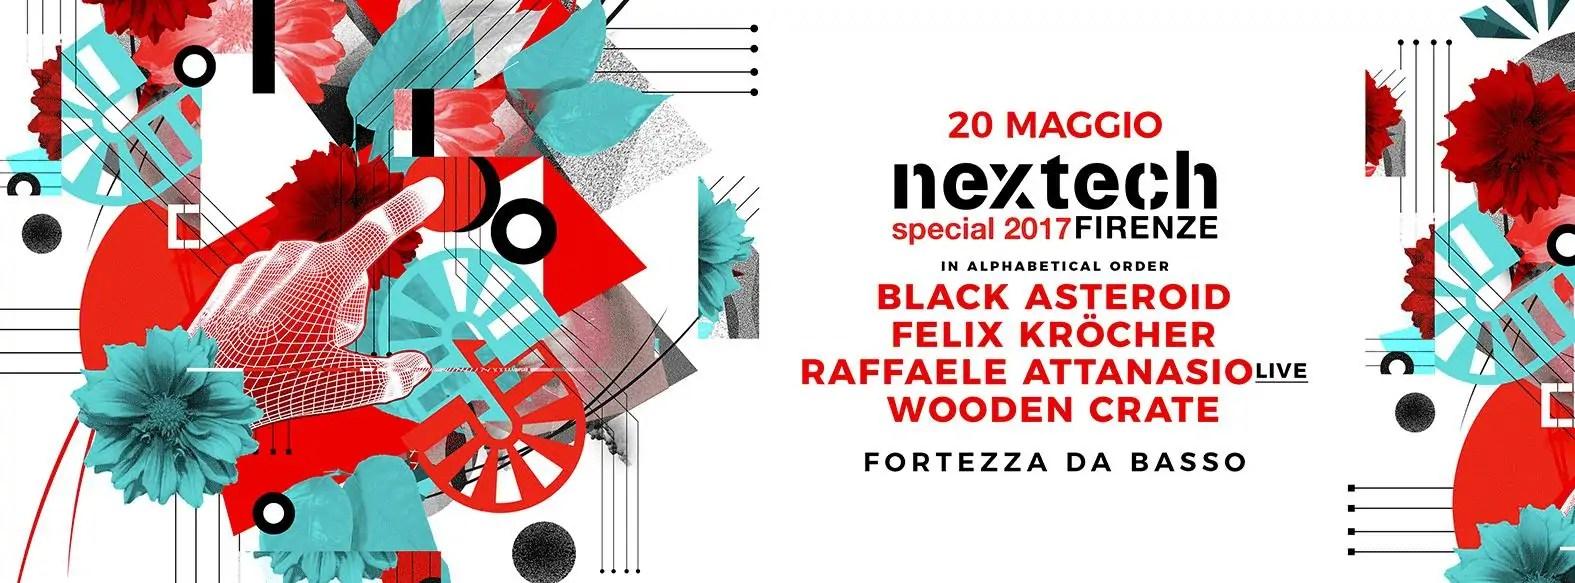 NEXTECH Firenze 20 Maggio 2017 + PREZZI PREVENDITE BIGLIETTI PACCHETTI HOTEL + BUD